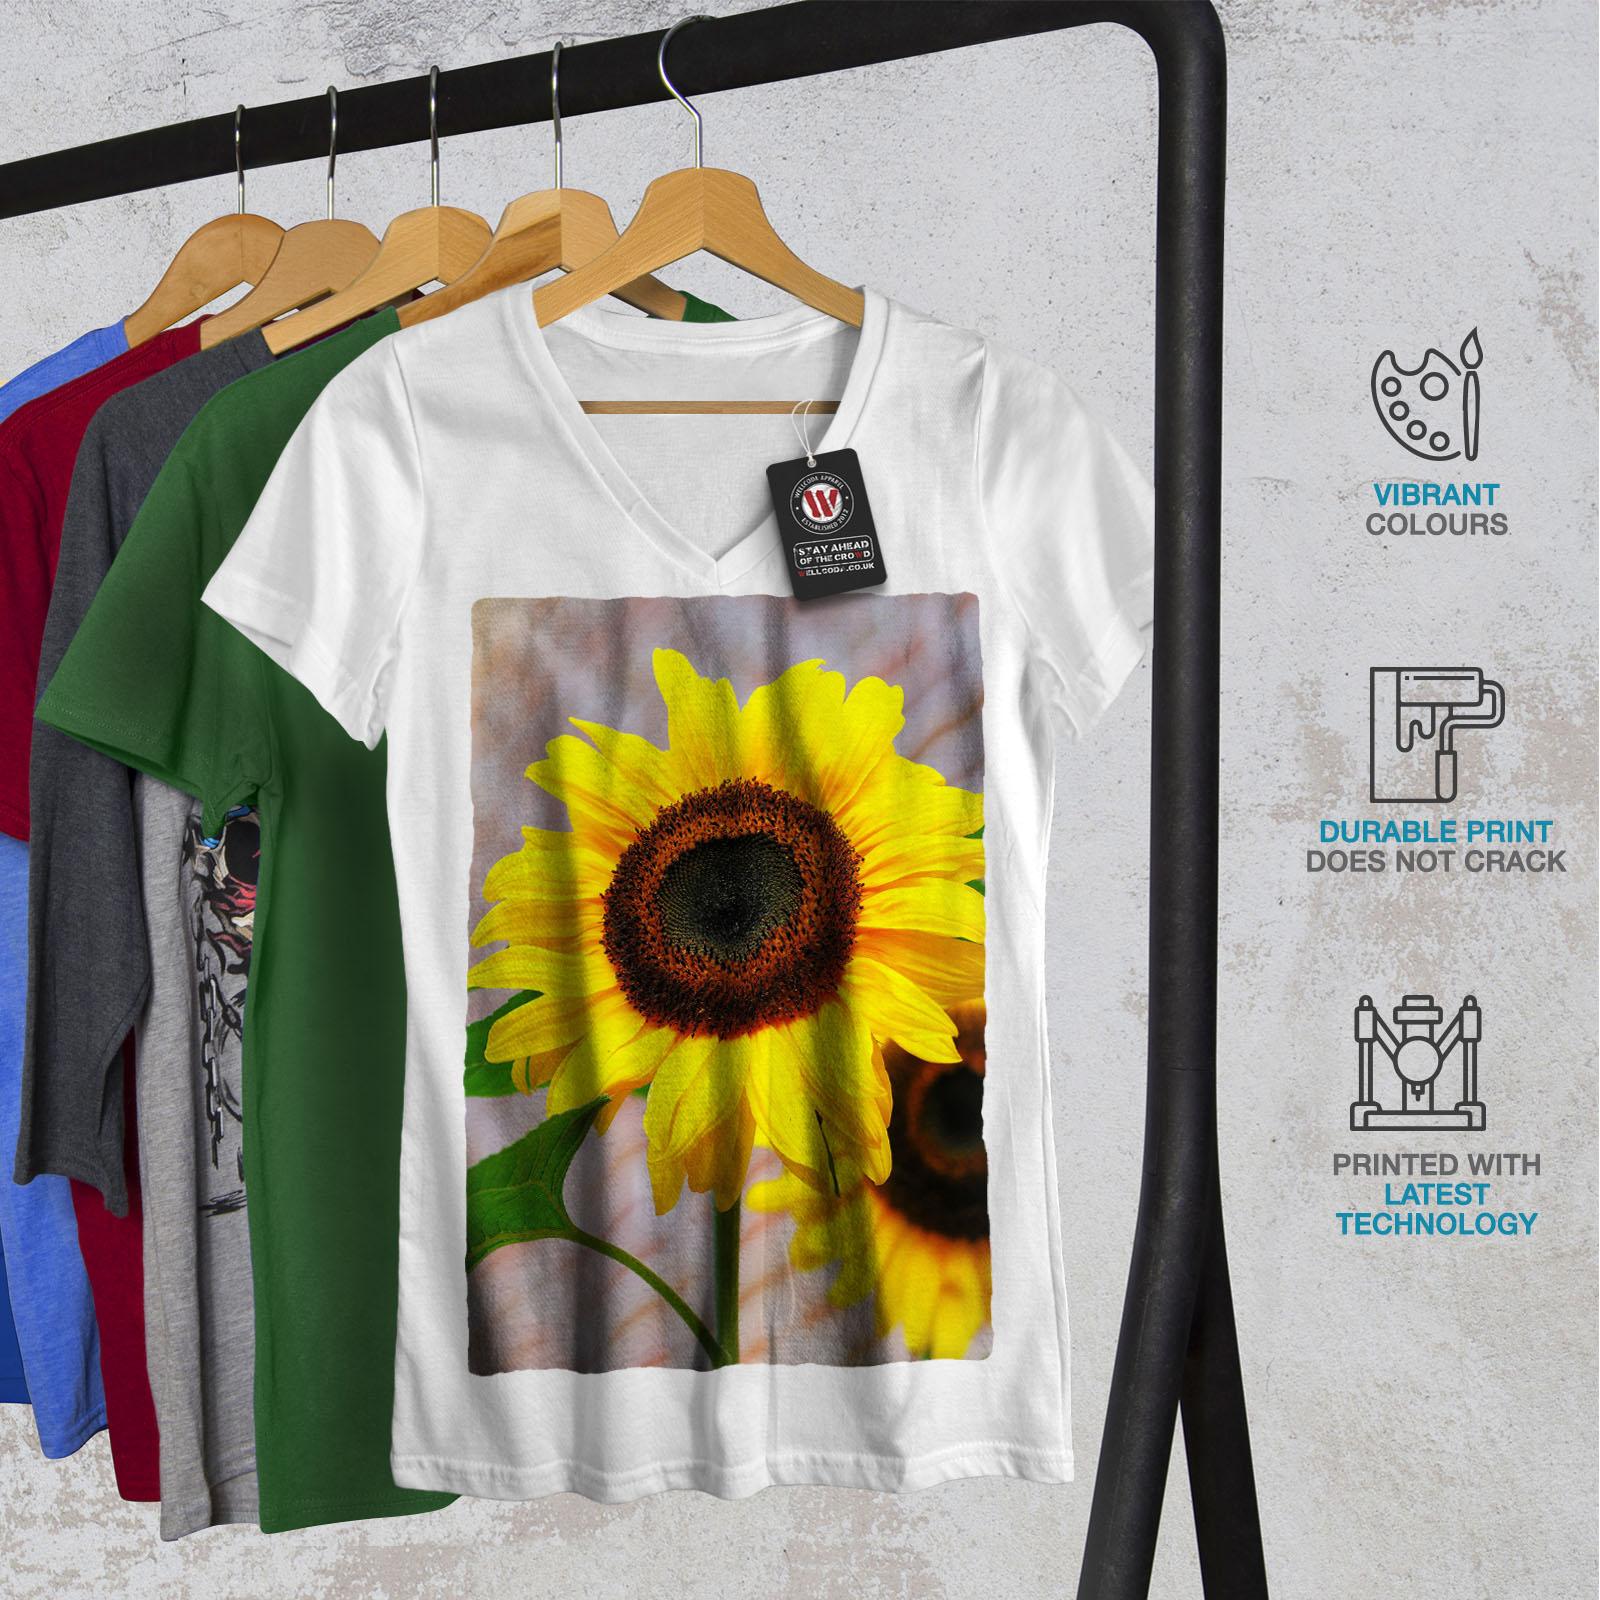 Wellcoda-Sunflower-Photo-Nature-Womens-V-Neck-T-shirt-Nature-Graphic-Design-Tee thumbnail 8